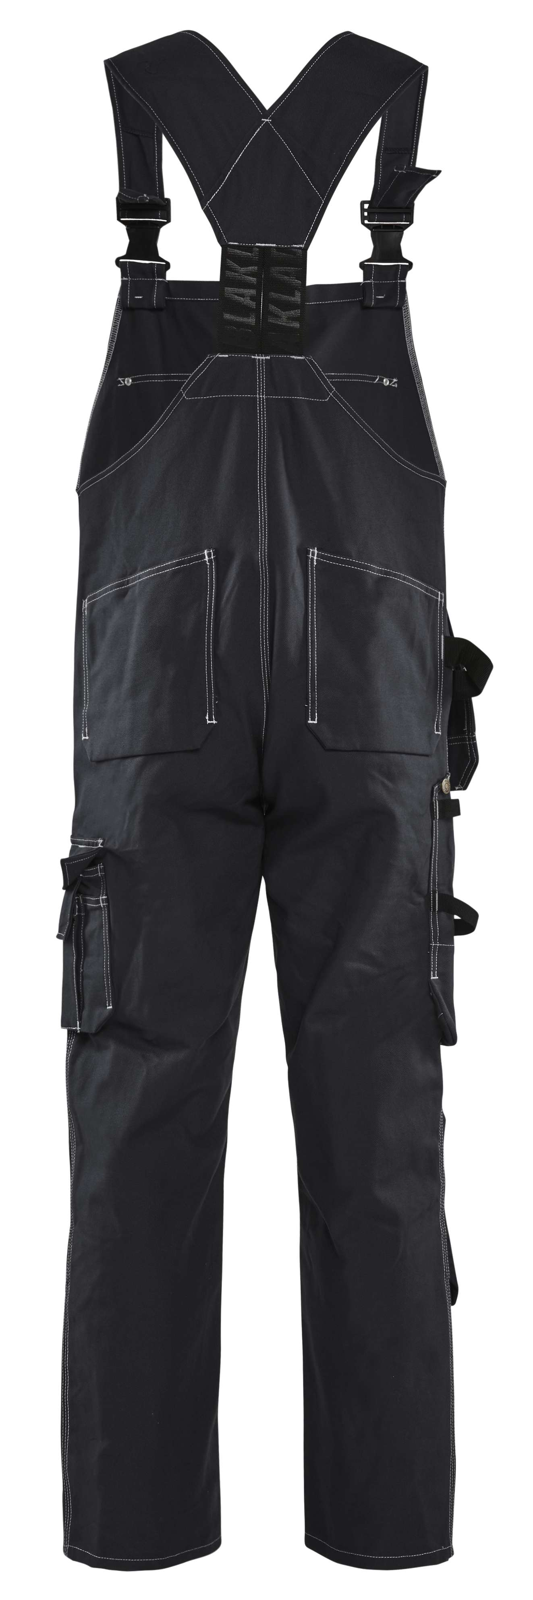 Blaklader Amerikaanse overalls 26001370 zwart(9900)